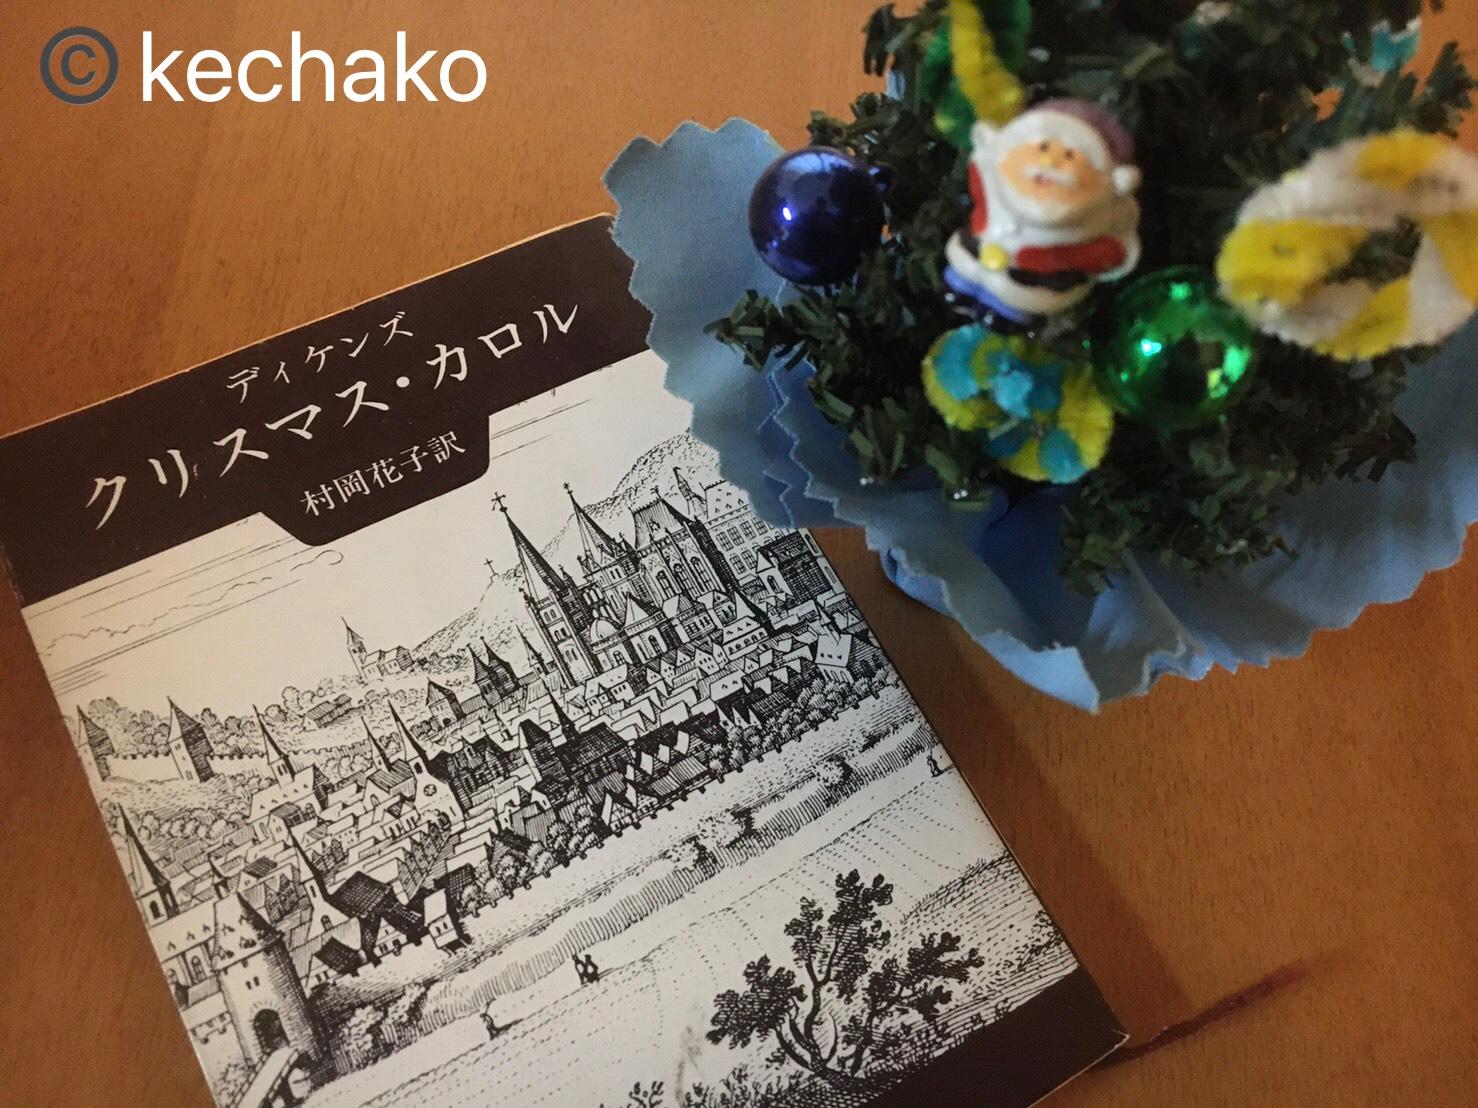 クリスマス・カロルの文庫本とミニツリー